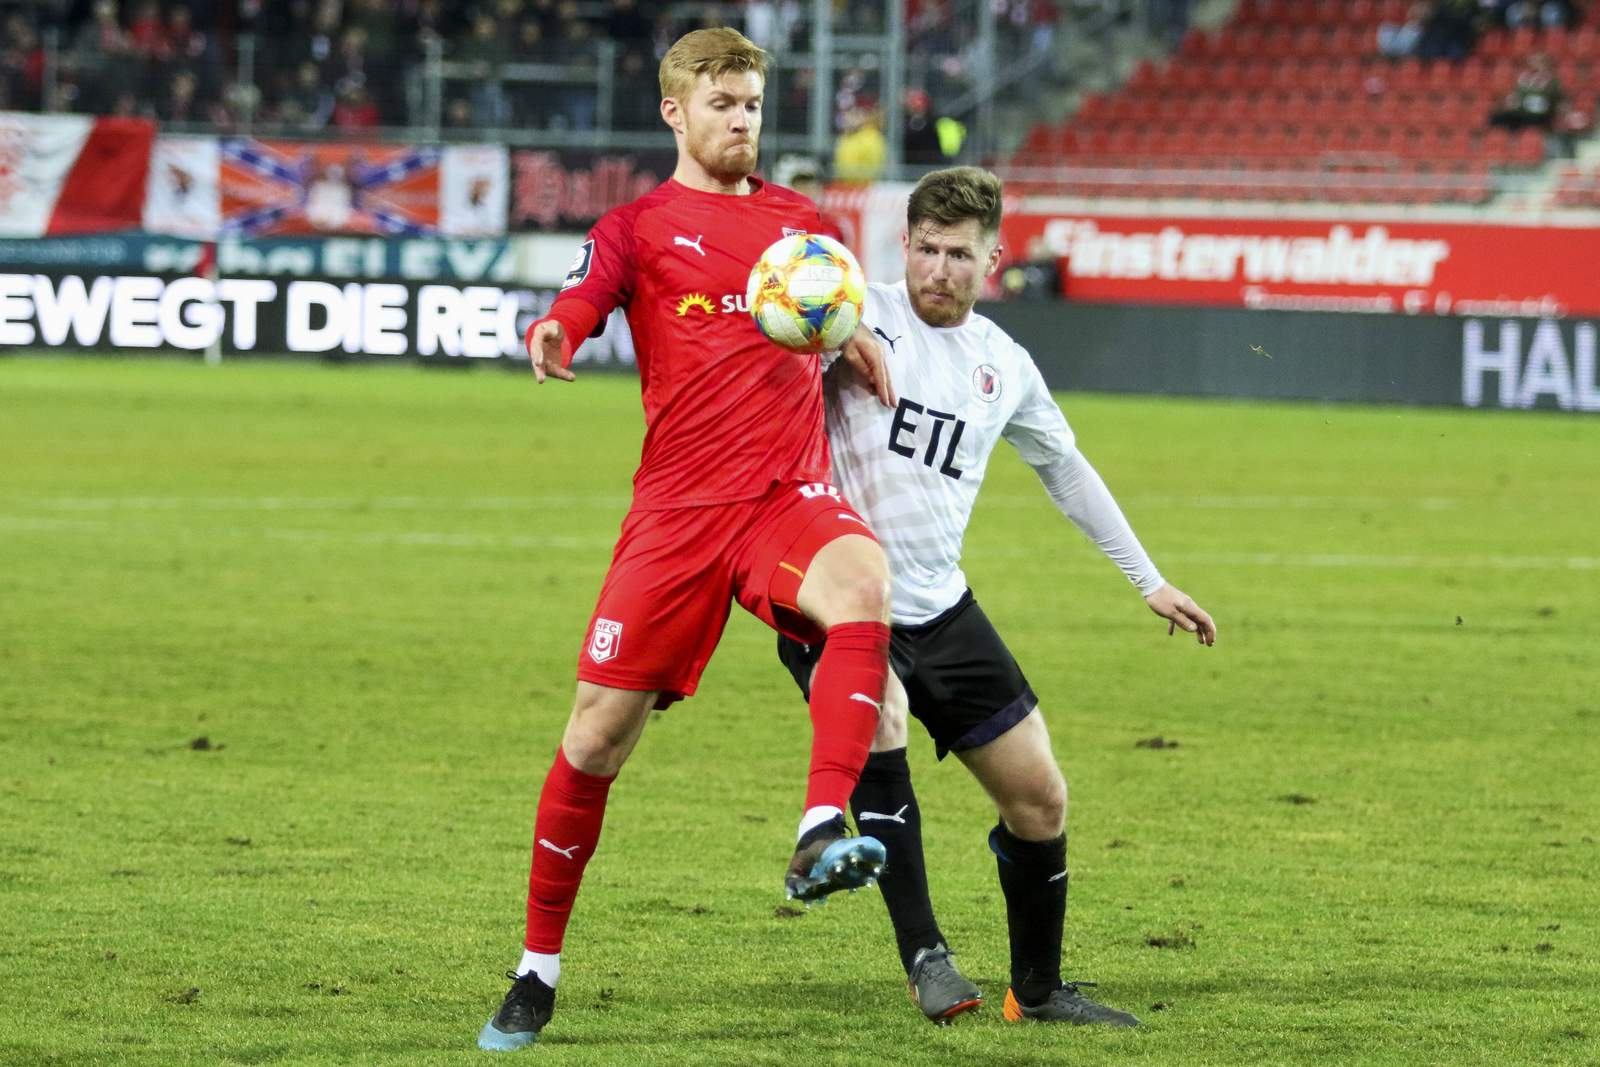 Sead Hajrovic von Viktoria Köln gegen Mathias Fetsch vom HFC